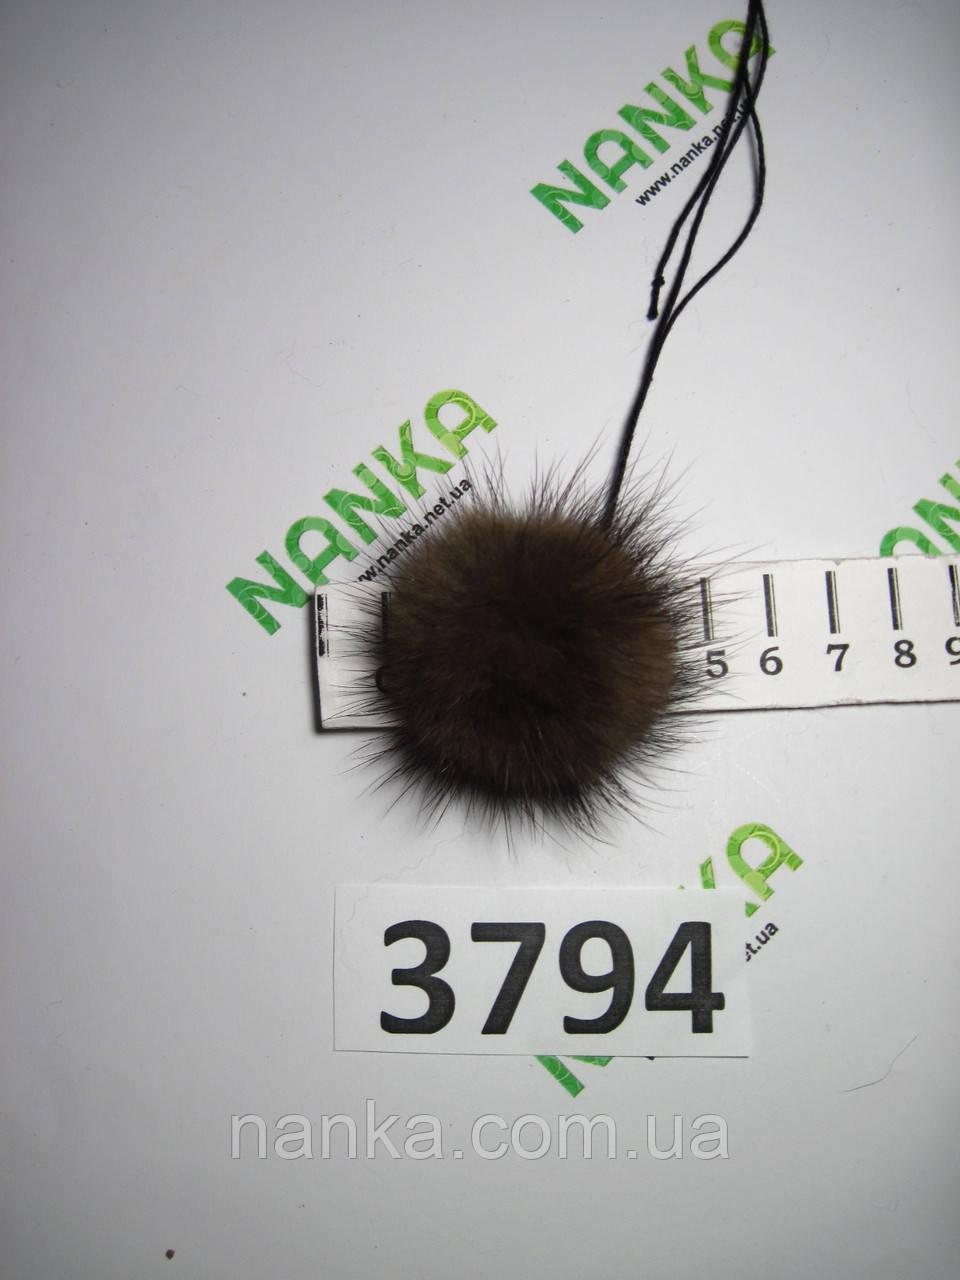 Меховой помпон Норка, Коричневый, 4 см, 3794